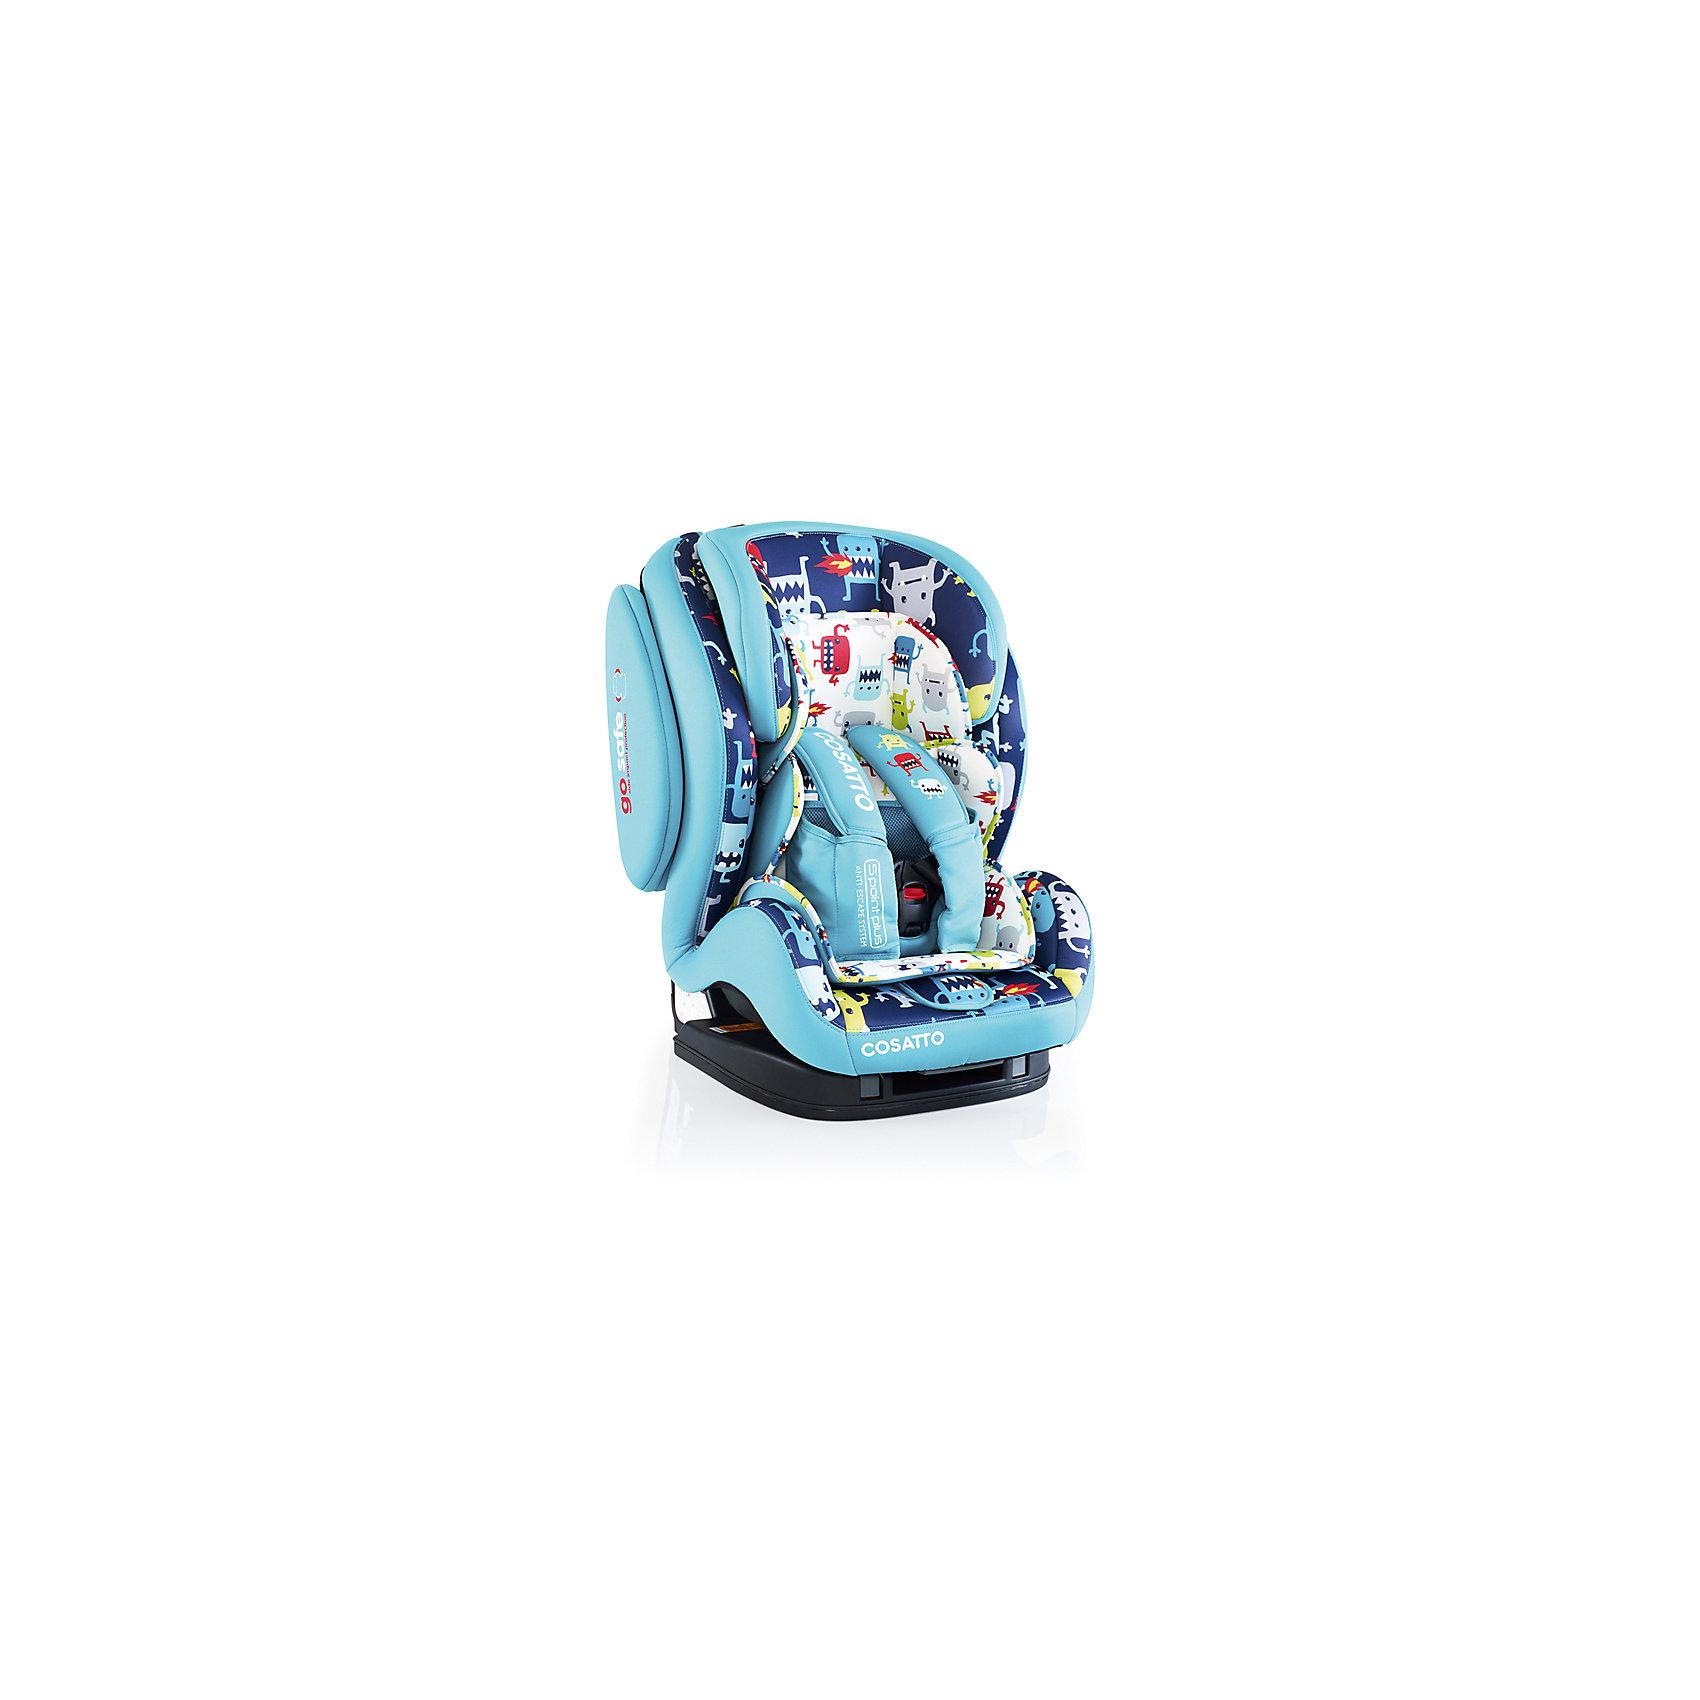 Автокресло Cosatto Hug Isofix, 9-36 кг., Cuddle Monster 2Группа 1-2-3 (От 9 до 36 кг)<br>Автокресло HUG группы 1 - 2 - 3 от COSATTO, большое, мягкое и уютное, сбережет малыша во время автомобильных путешествий.<br><br>Обеспечивает максимальную безопасность для ребенка и удобство для родителей.<br><br>Продумано все до мелочей: мягкие накладки на плечи, усиленные боковины, регулируемый подголовник, съемная мягкая вкладка и 5-точечные ремни безопасности.<br><br>Кресло легко устанавливается и может размещаться на переднем или заднем сидении автомобиля.<br><br>Характеристики:<br><br>    Для детей с 9 месяцев до 12 лет весом от 9 до 36 кг<br>    Легко устанавливается в автомобиле с помощью системы крепления Isofix или с помощью стандартных 3-точечных ремней безопасности<br>    Использование на переднем (при отключенной подушке безопасности) или на заднем сидении автомобиля<br>    Защита от бокового удара<br>    5 позиций наклона кресла<br>    5-точечные ремни безопасности с быстрой застежкой<br>    Регулируемый по высоте подголовник<br>    Удобные мягкие подлокотники<br>    Отделка из эко-кожи<br>    Соответствует ЕЭК R44 / 04<br><br>Размеры: <br><br>Автокресло, см: 64 х 50 х 50<br><br>Вес: 9,5 кг<br><br>Ширина мм: 680<br>Глубина мм: 550<br>Высота мм: 550<br>Вес г: 15000<br>Возраст от месяцев: -2147483648<br>Возраст до месяцев: 2147483647<br>Пол: Унисекс<br>Возраст: Детский<br>SKU: 5629502